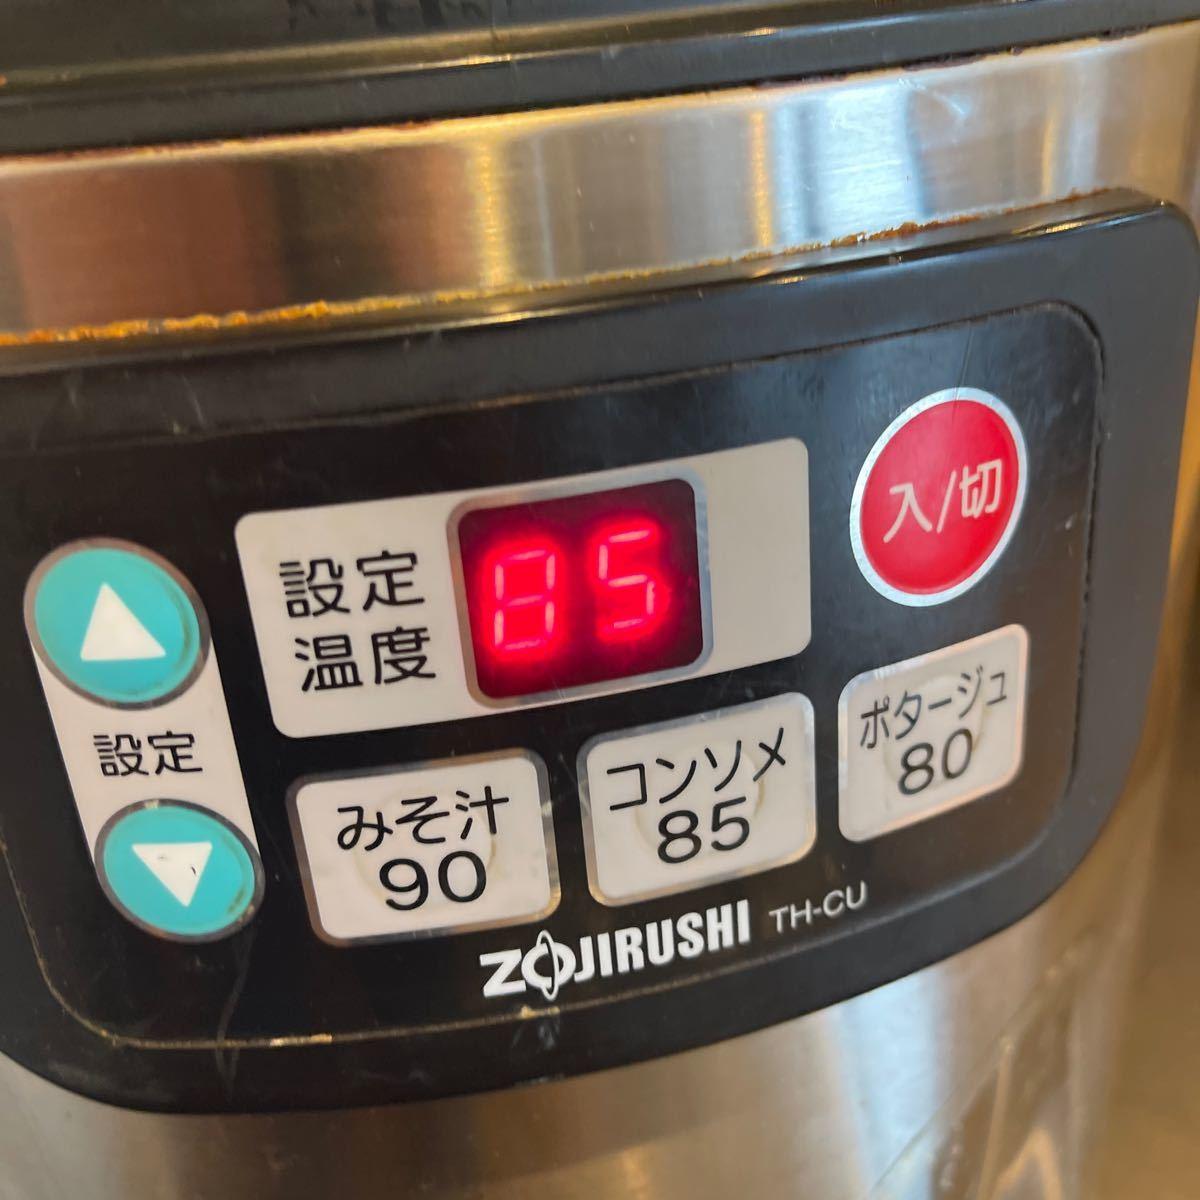 象印 マイコンスープジャー TH-CU080 8.0L 厨房 店舗 業務用 ZOJIRUSHI 2013年製_画像2